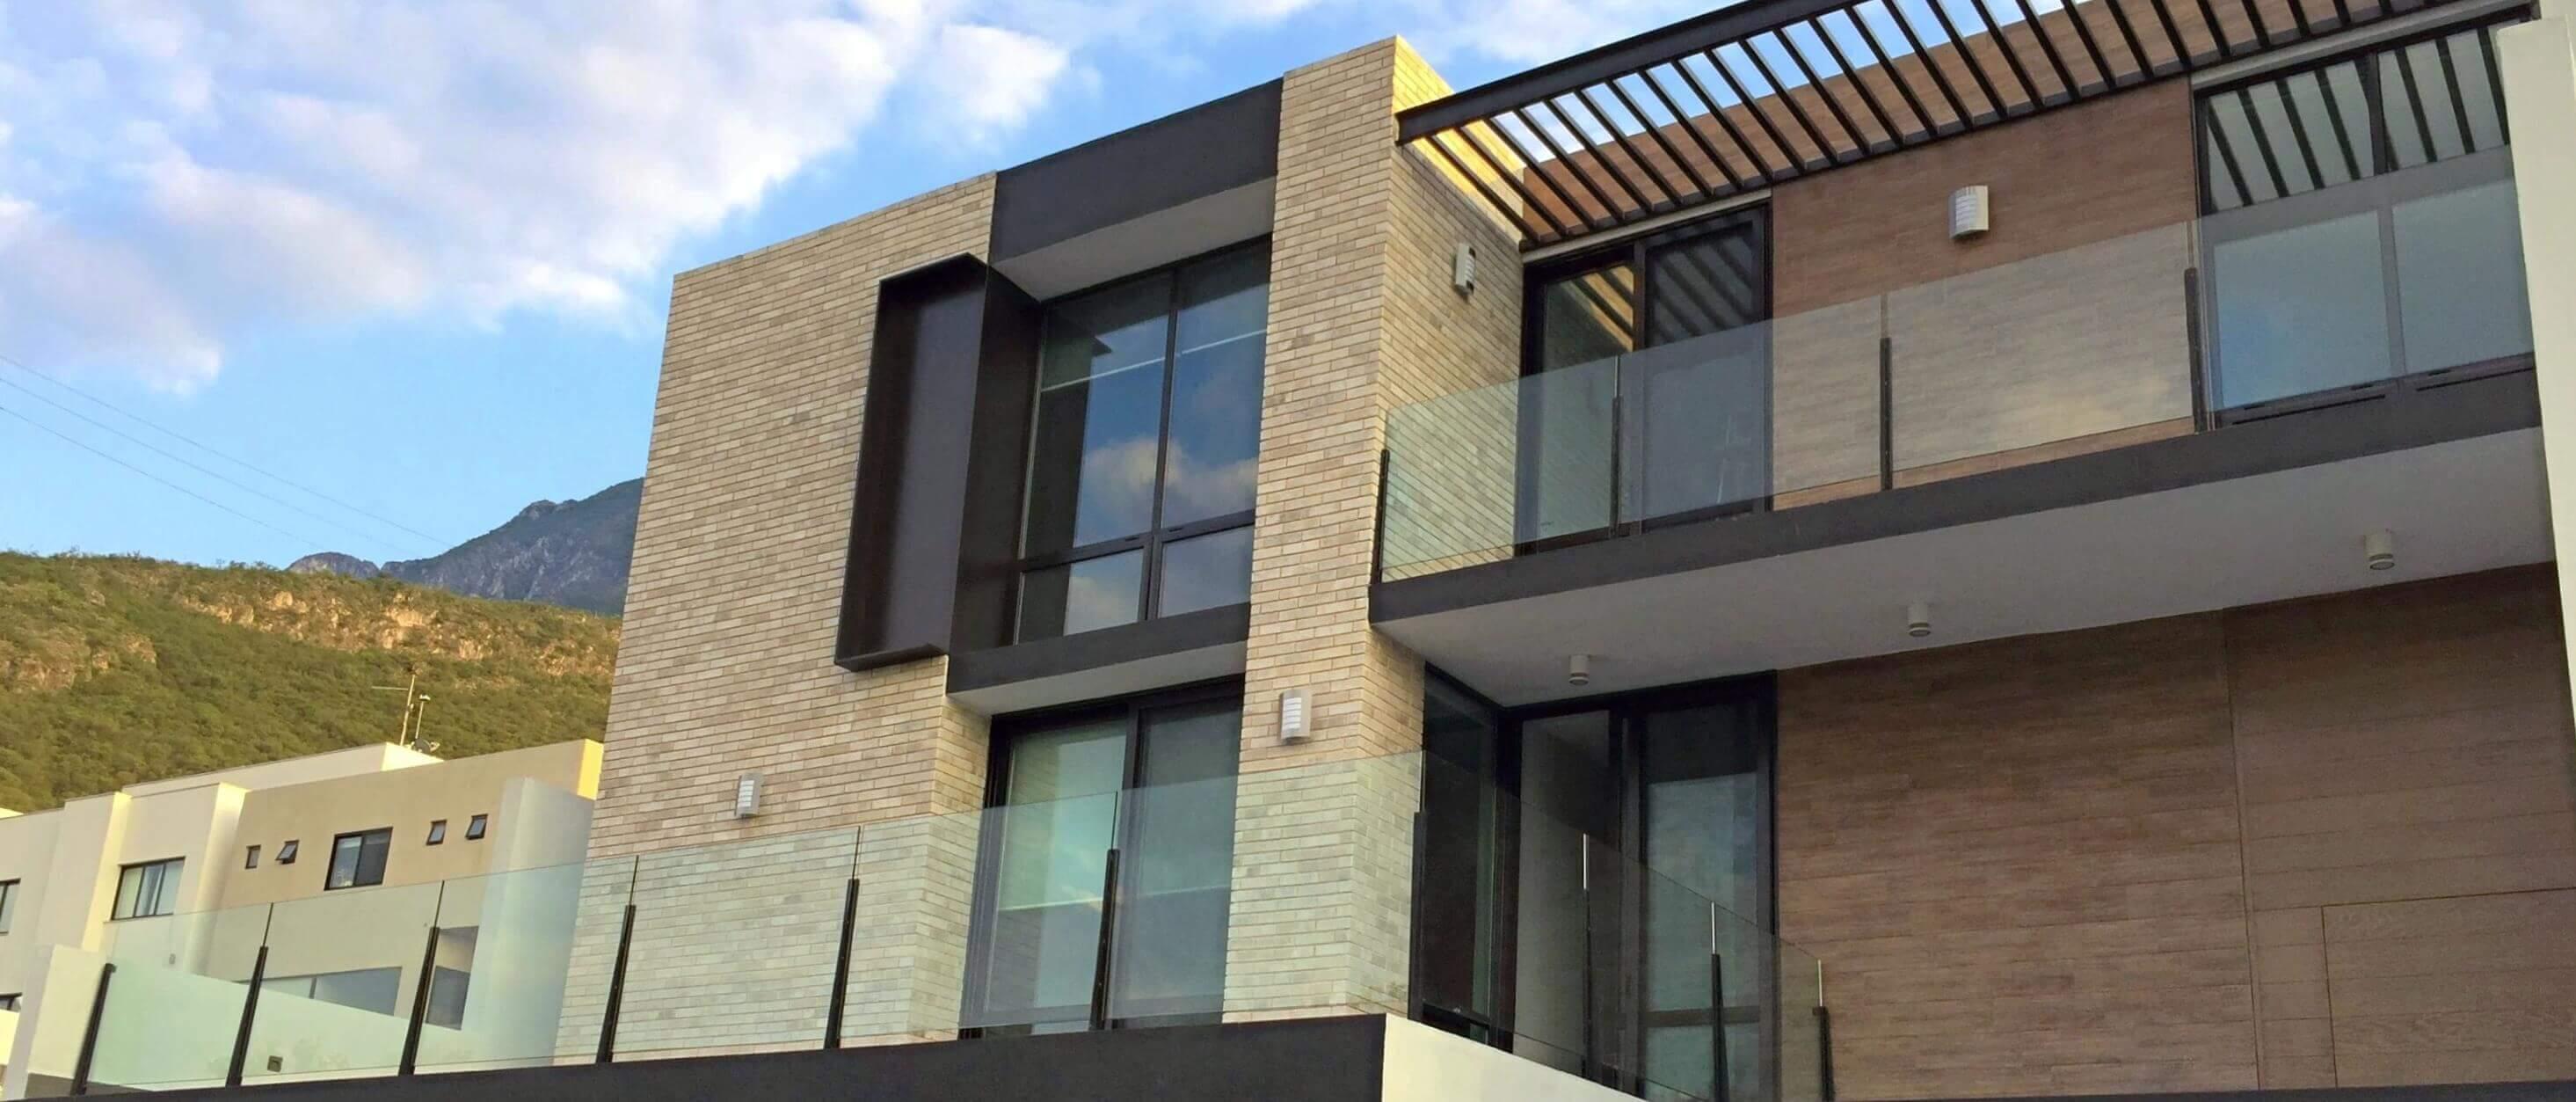 residencia con puertas y ventanas eurove